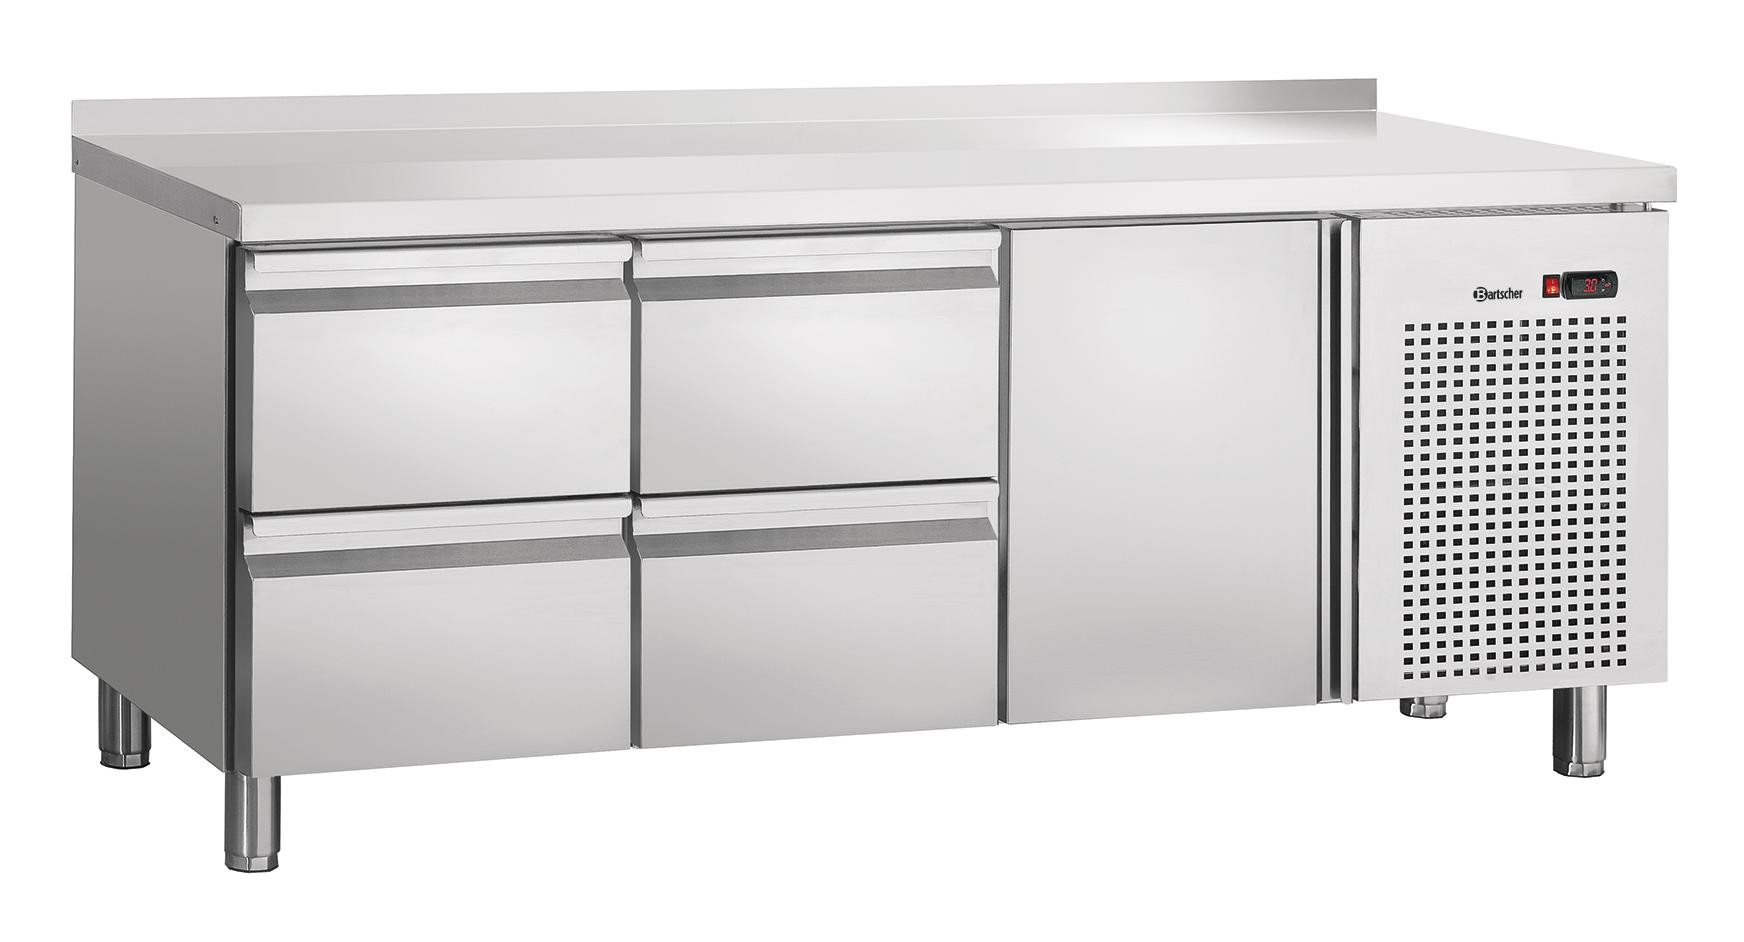 Bartscher Koeltafel S4T1-150 MA - 1 Deur / 4 Lades, Spatrand - 179 x 70 x 85 cm - RVS